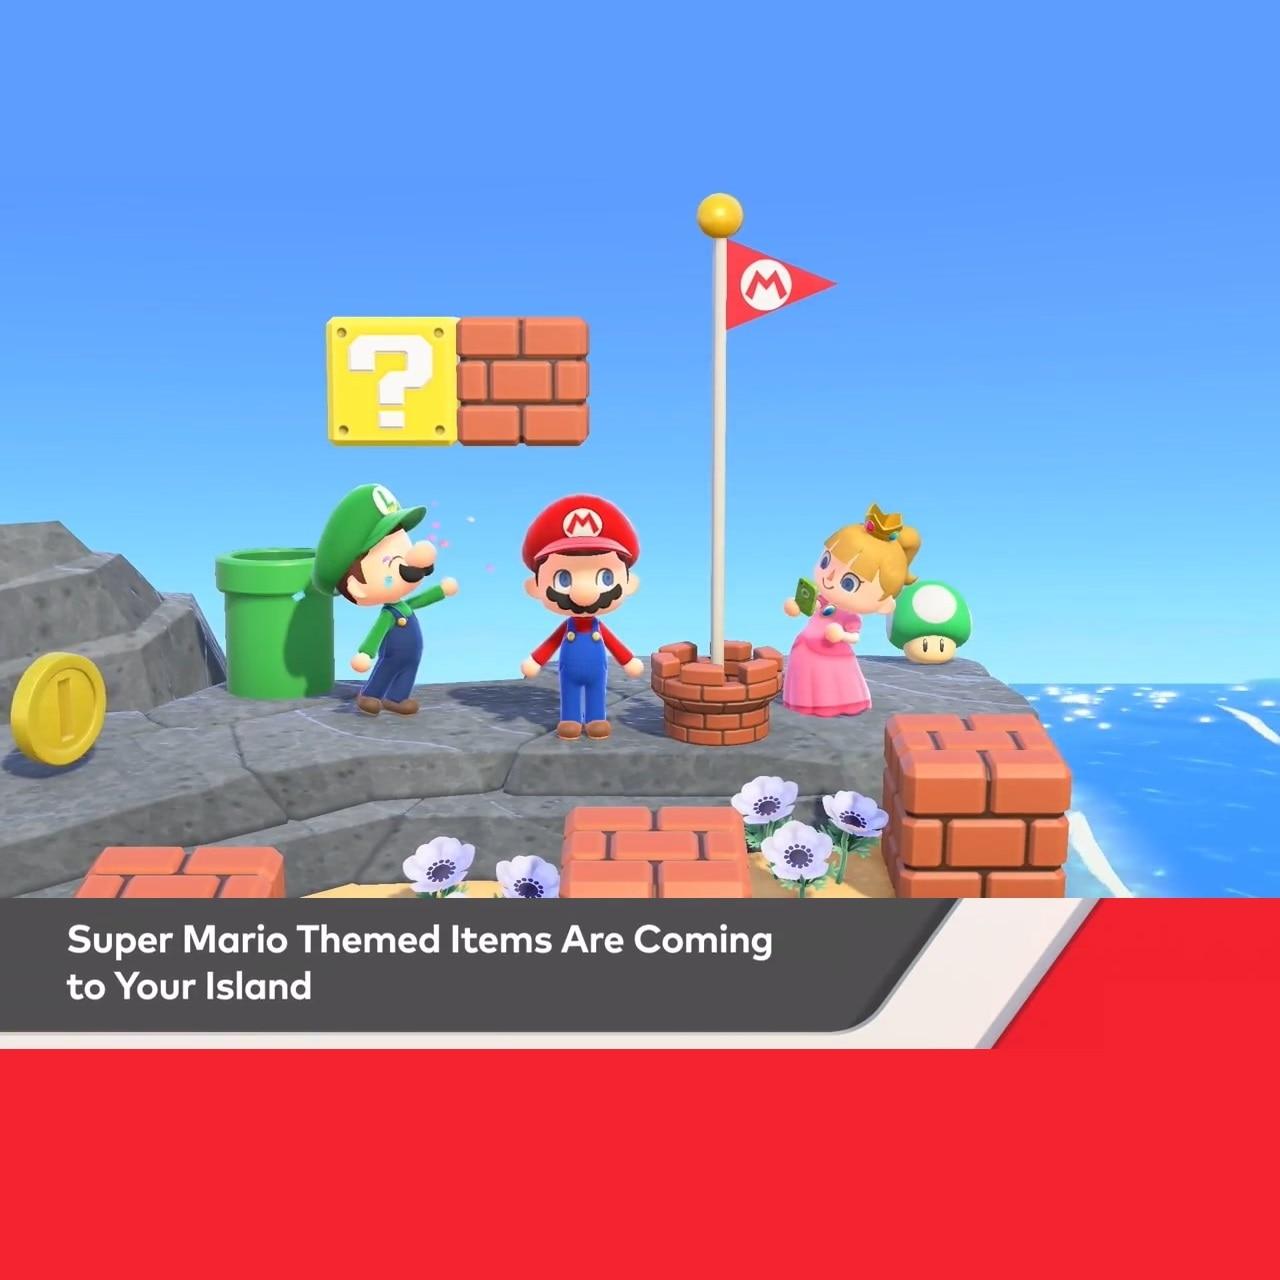 V1.8.0 обновление марта, пересечение животных, новые горизонты, тематические предметы Супер Марио, обновление мебели по 2/25 предзаказу, анимаци...